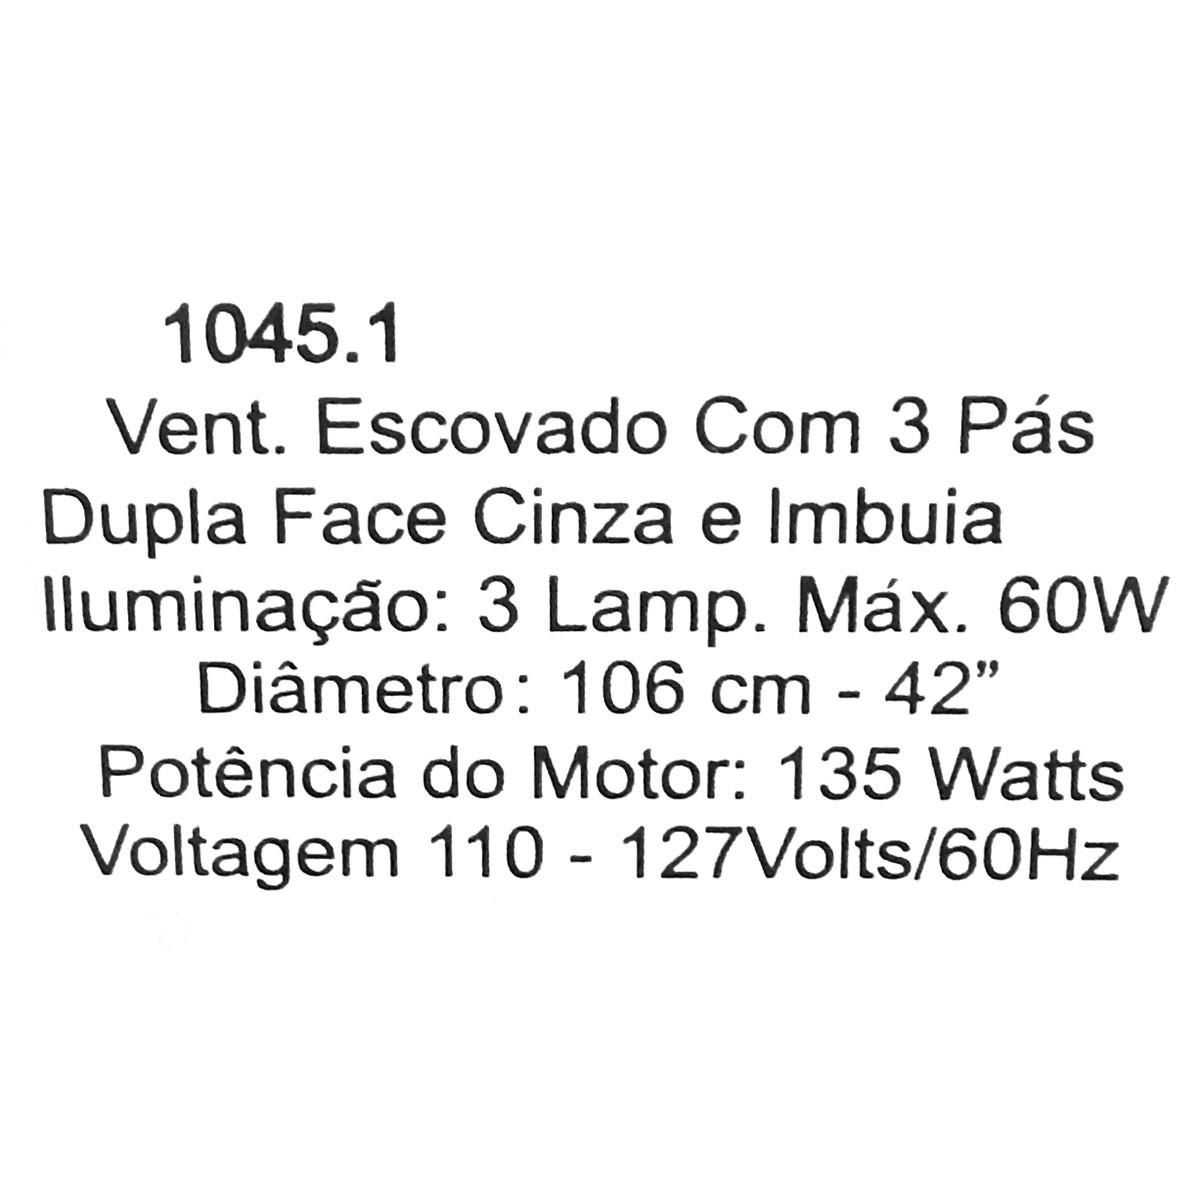 Ventilador De Teto Hl-45 3 Tulipas E-27 3 Pas Reversiveis (Mogno / Cinza) 127v Escovado